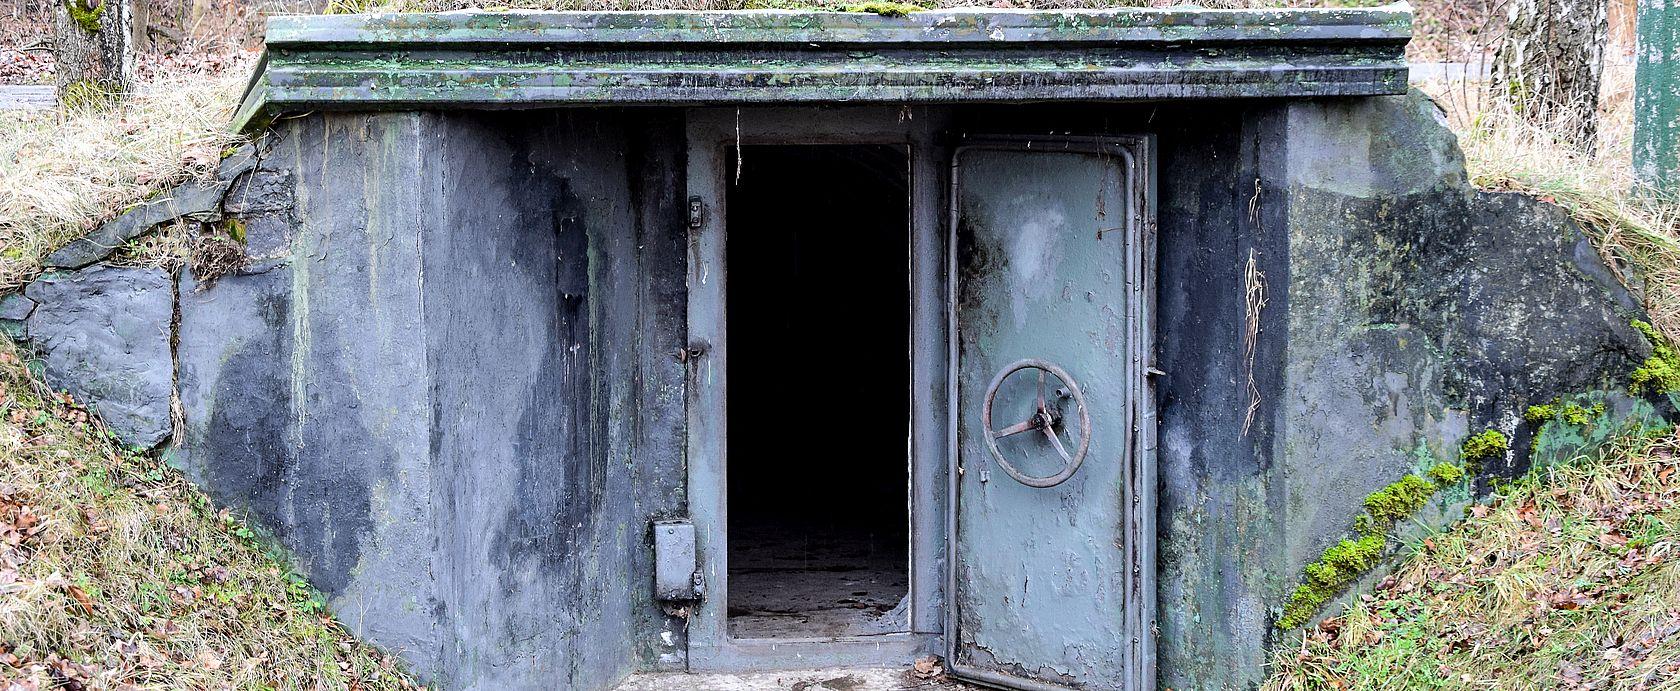 Der Bunkereingang